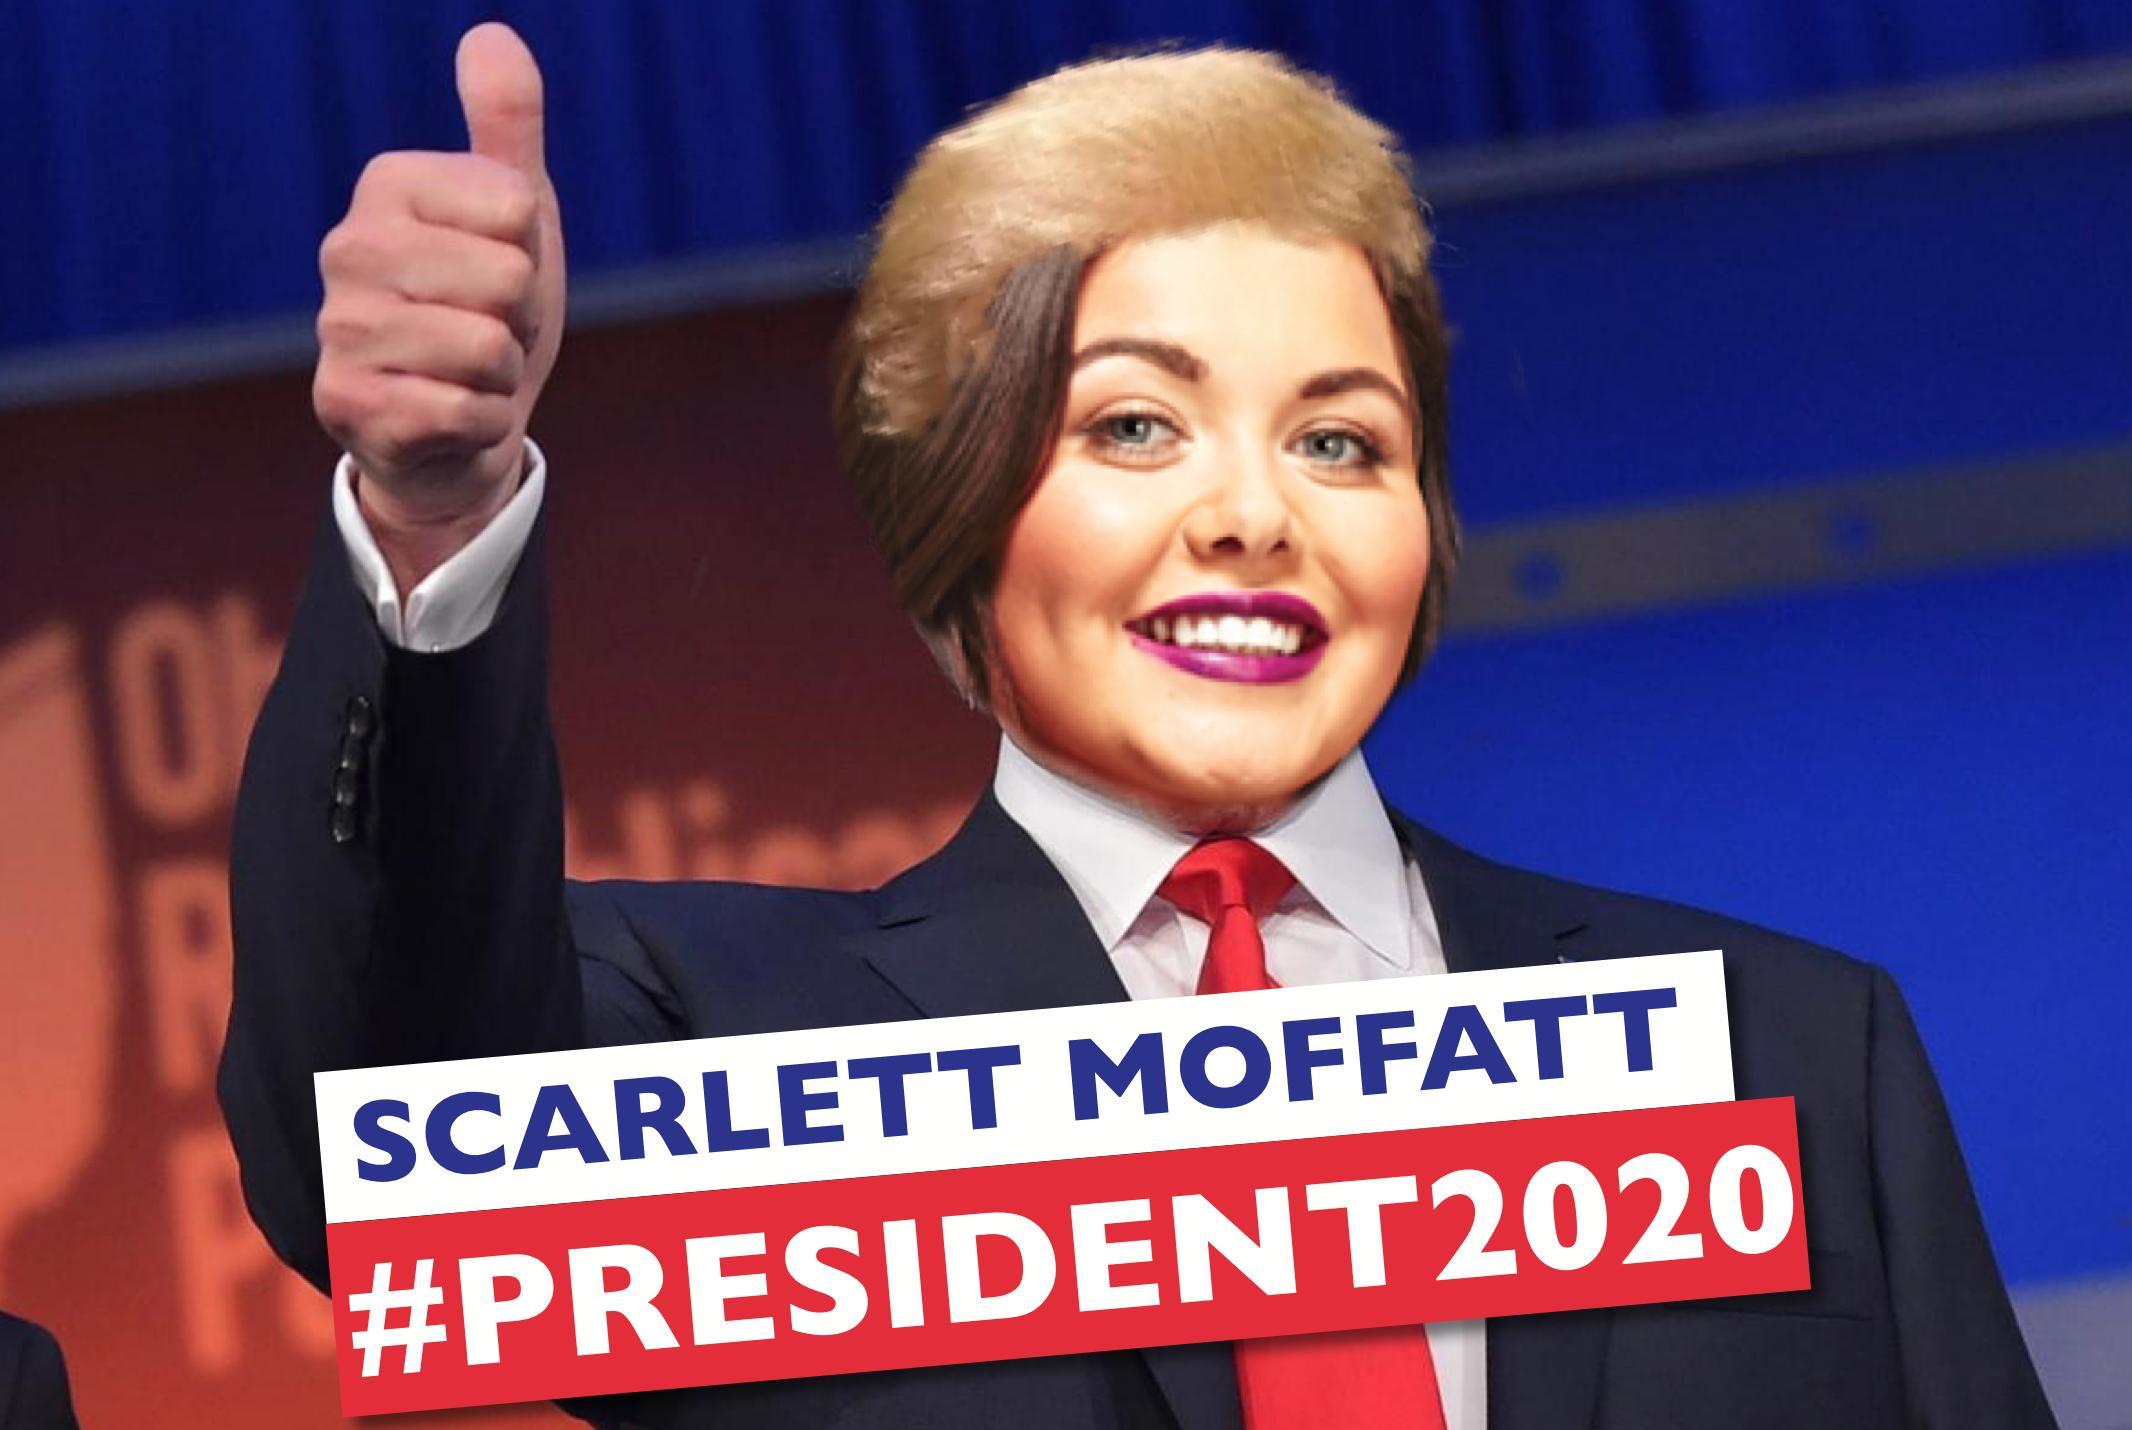 Scarlett Moffatt Donald Trump